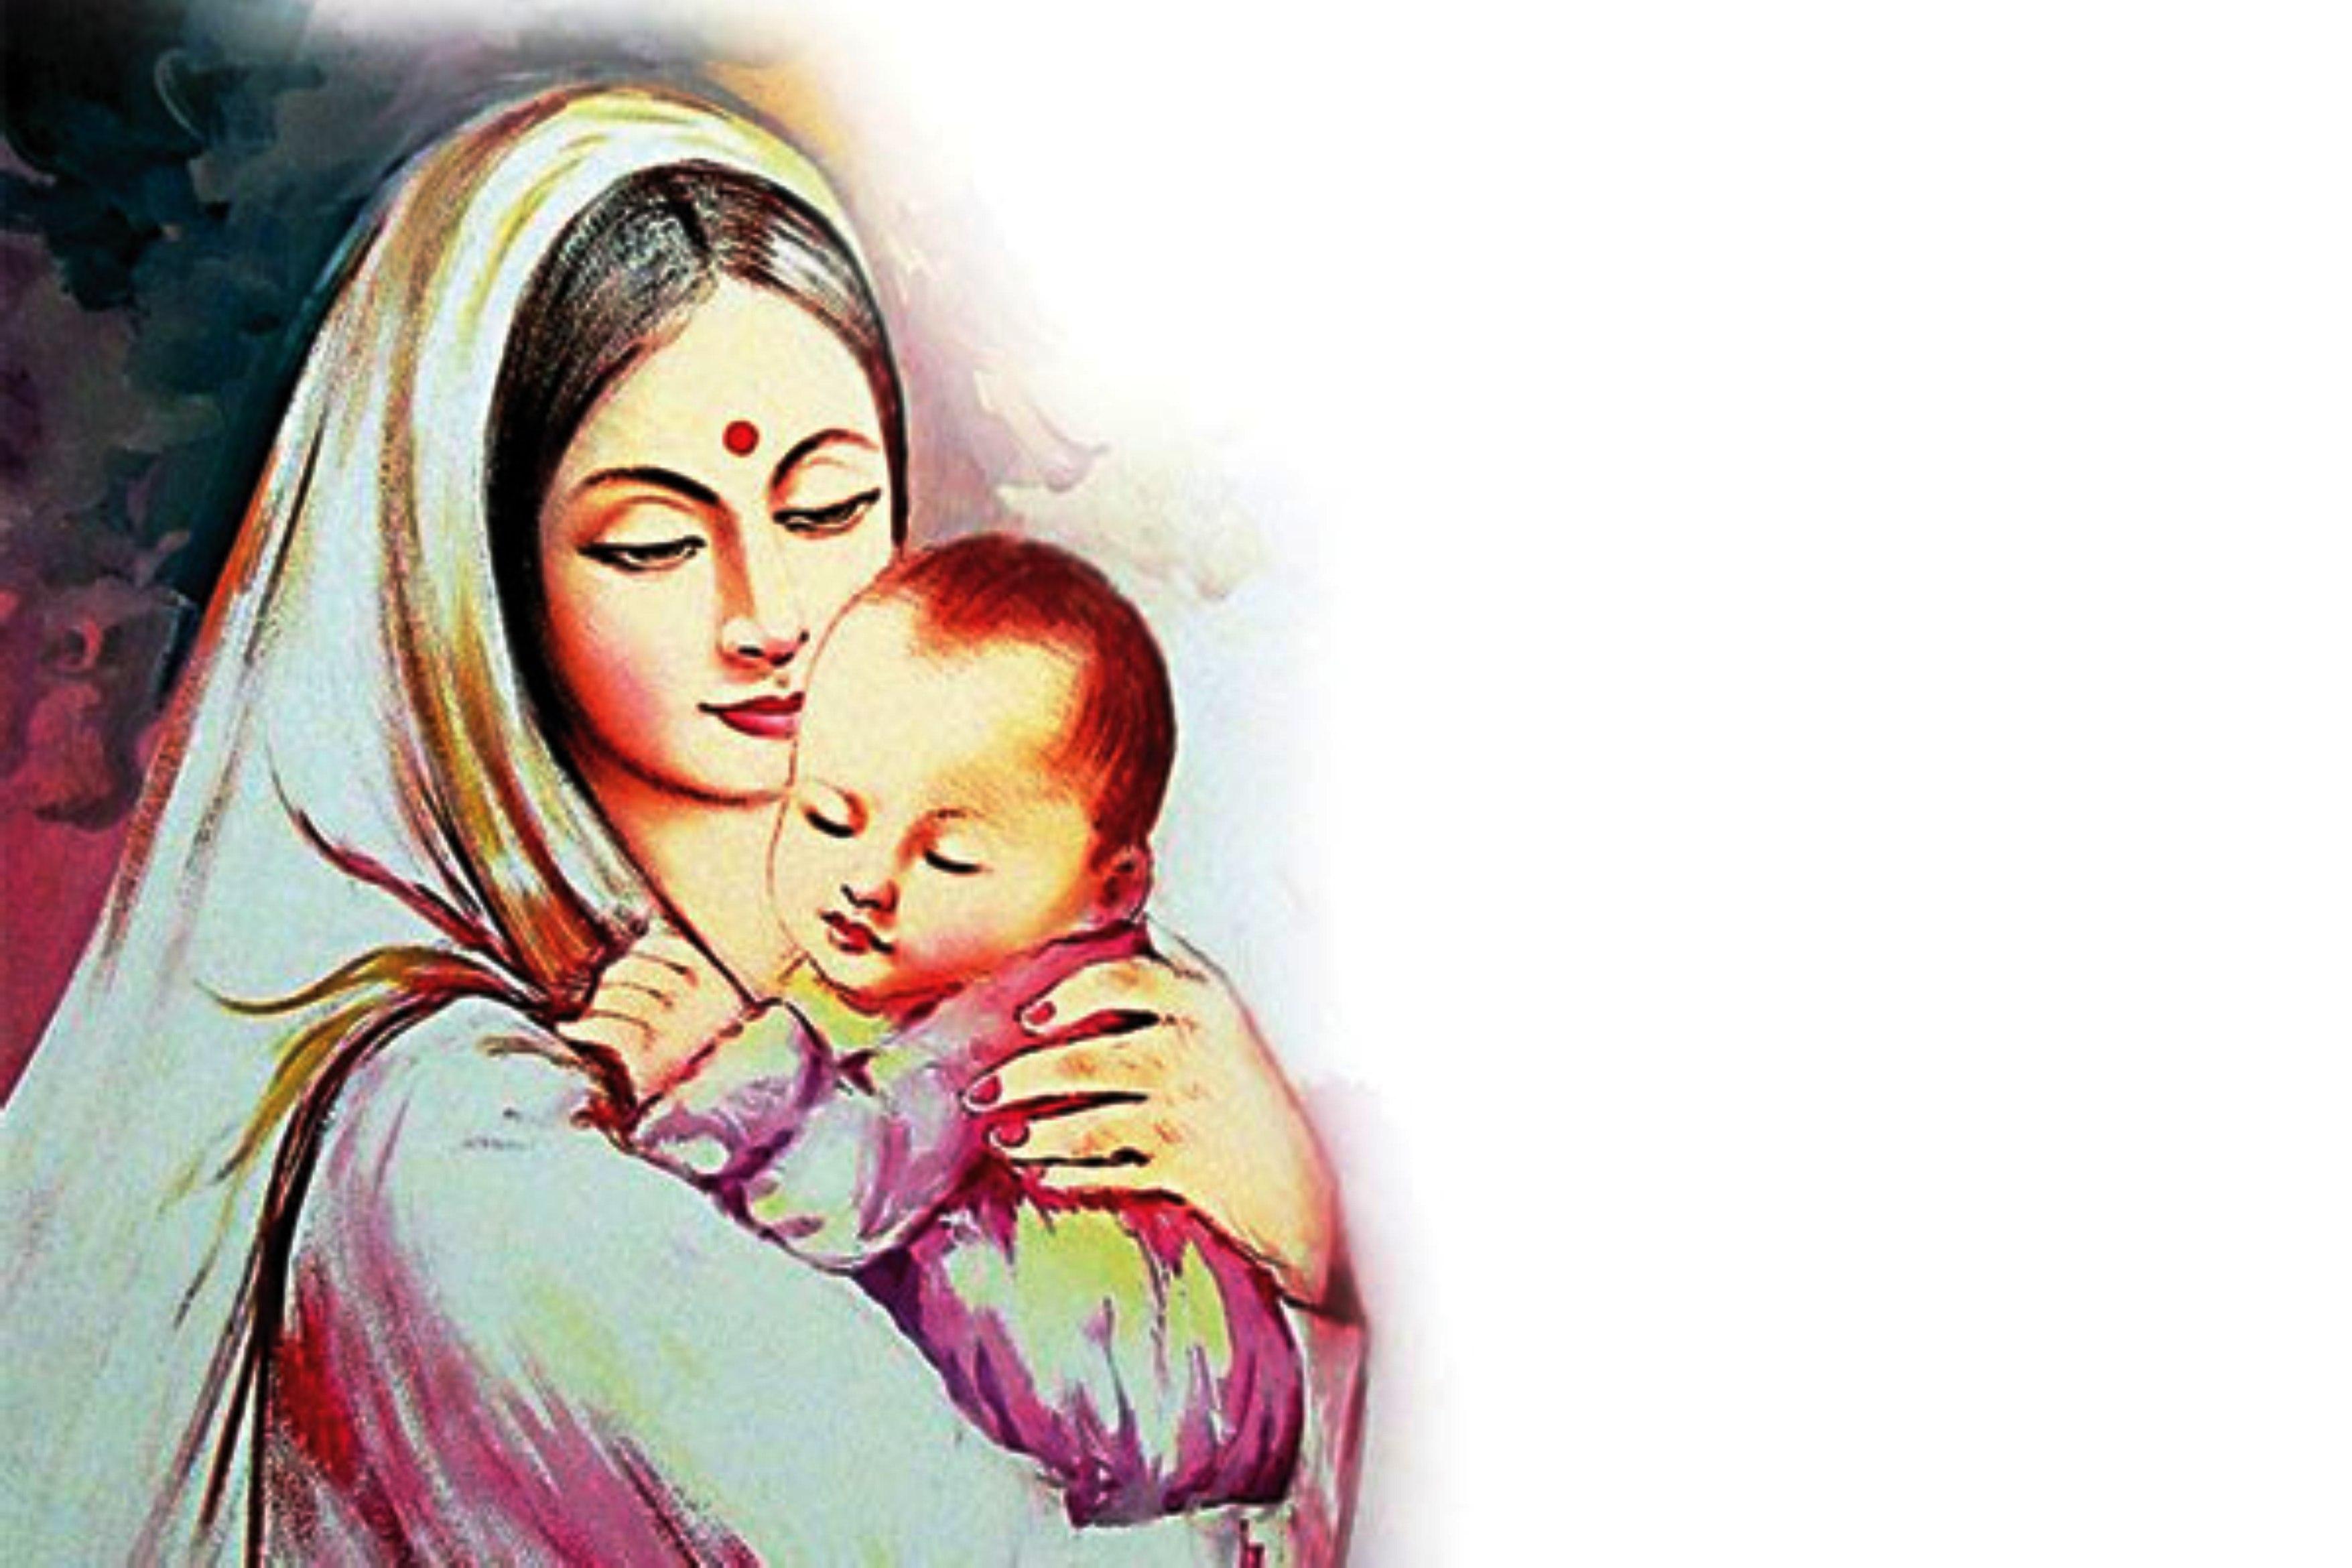 मां के गर्भ में नवजात को मिलेगी धार्मिक शिक्षा और संस्कार